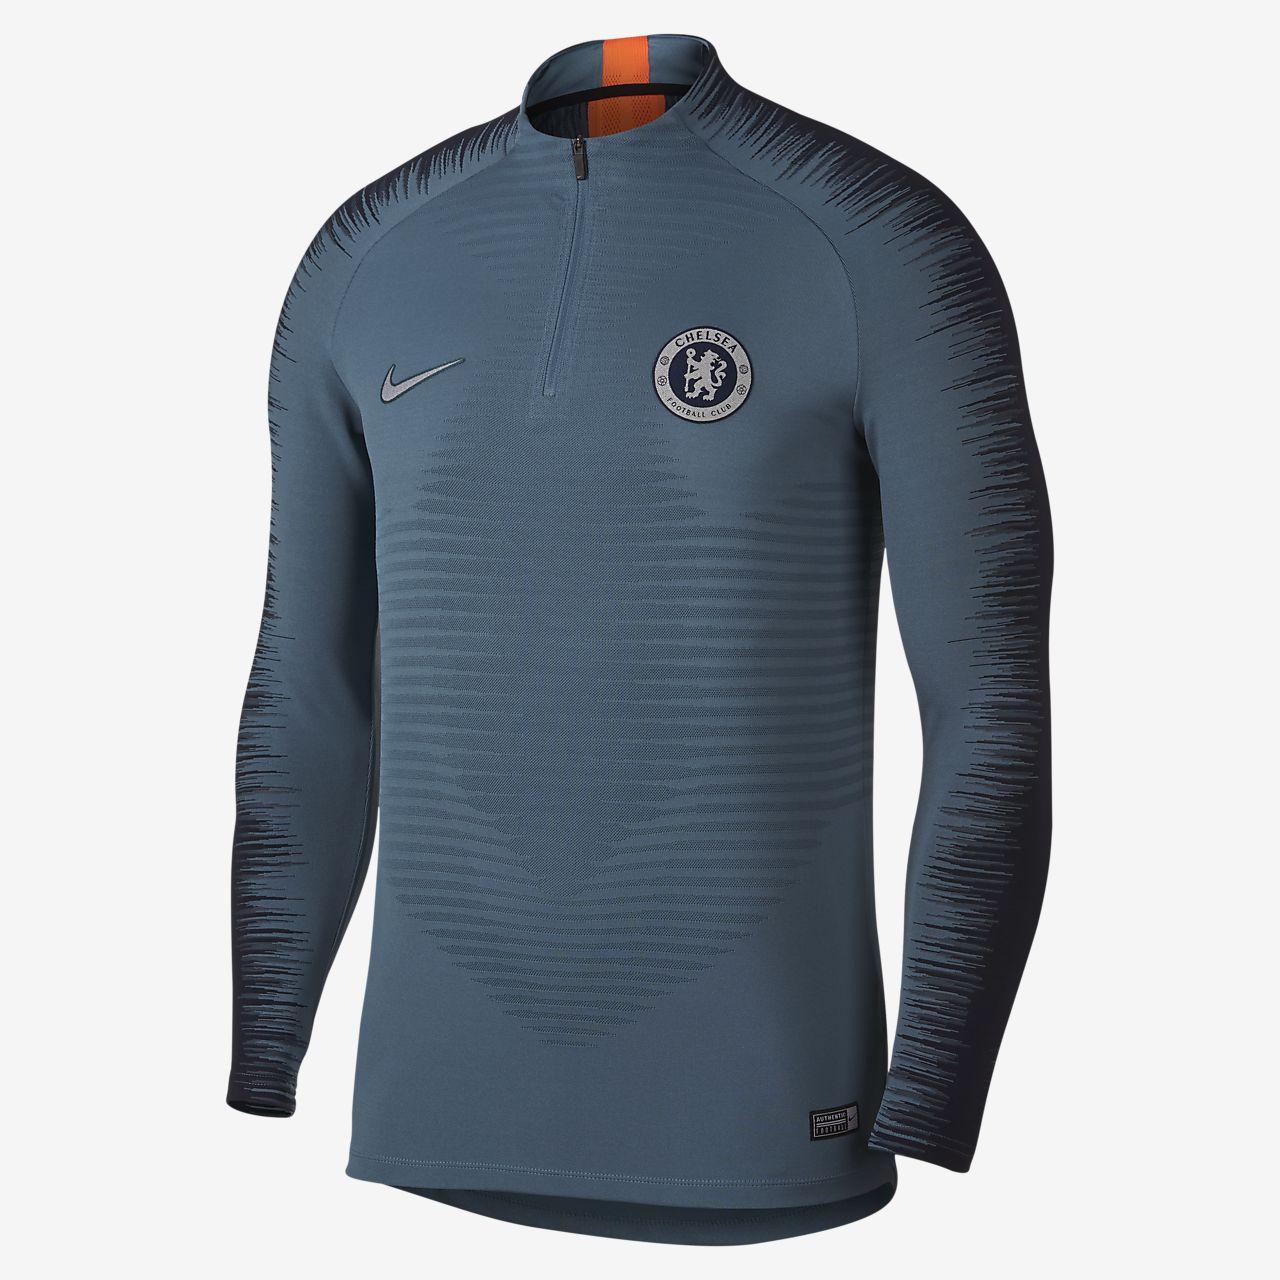 Manga Fc De Camiseta Vaporknit Drill Larga Strike Fútbol Chelsea xgnPfAq1x 4af360a3db2b6